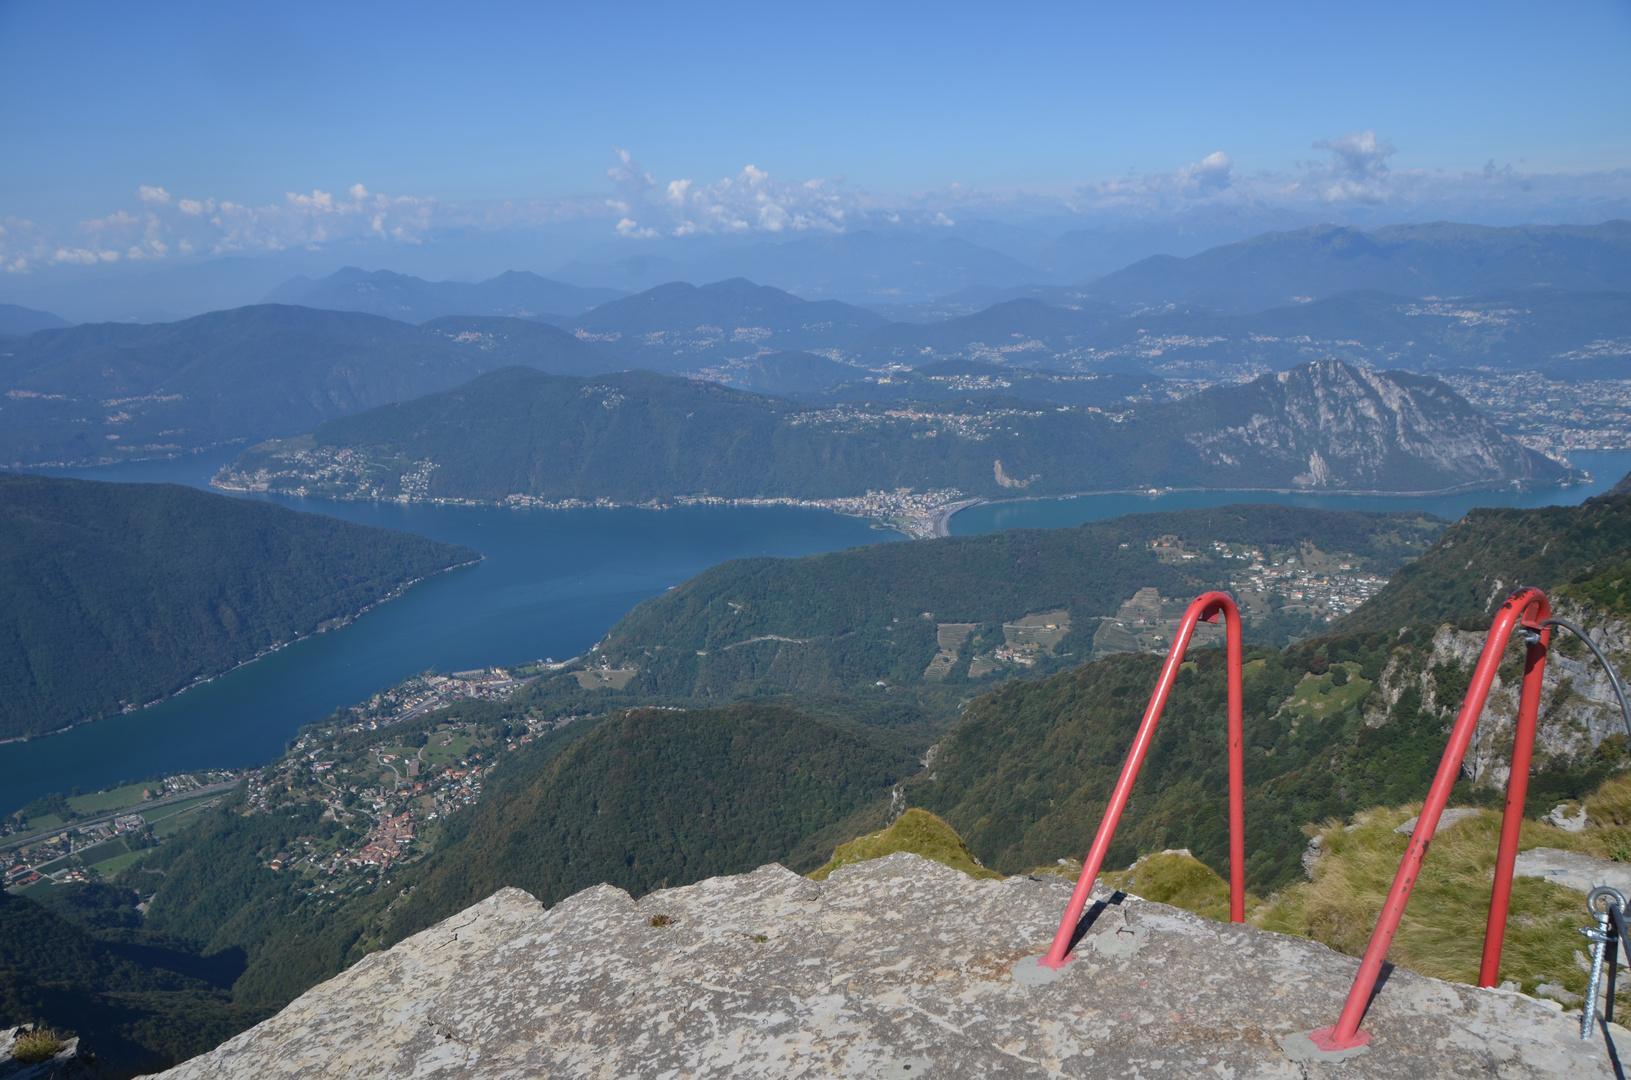 Kein Swimmingpool - sondern ein Klettersteig :)